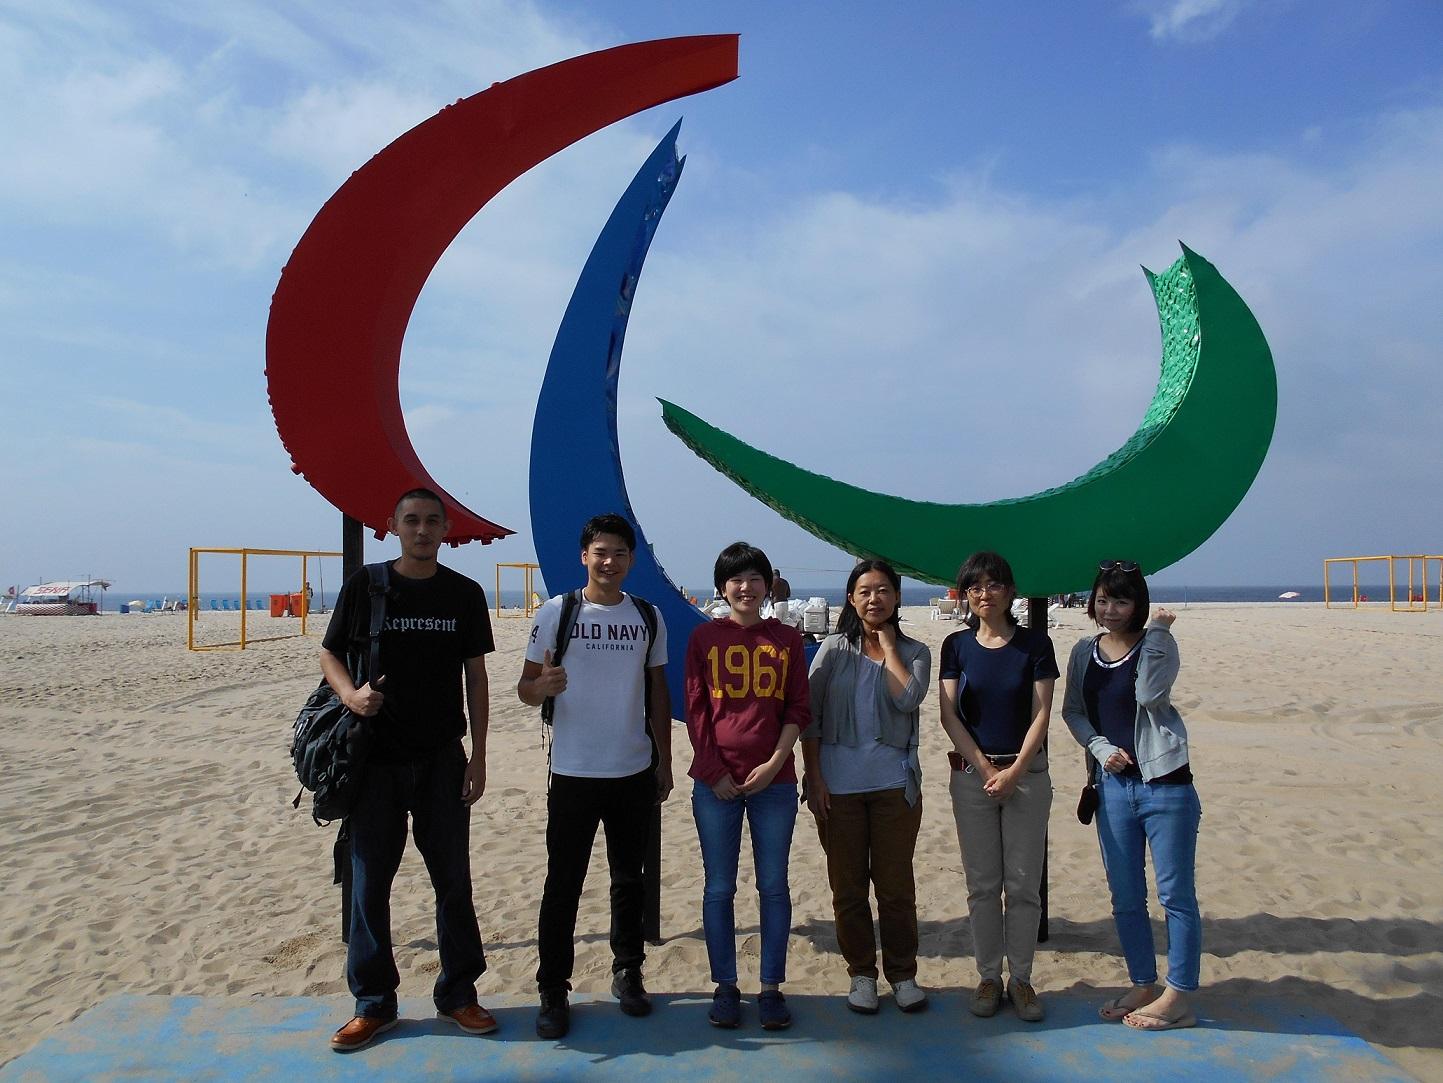 コパカバーナ海岸に立つパラリンピックのシンボルマーク「スリーアギトス」